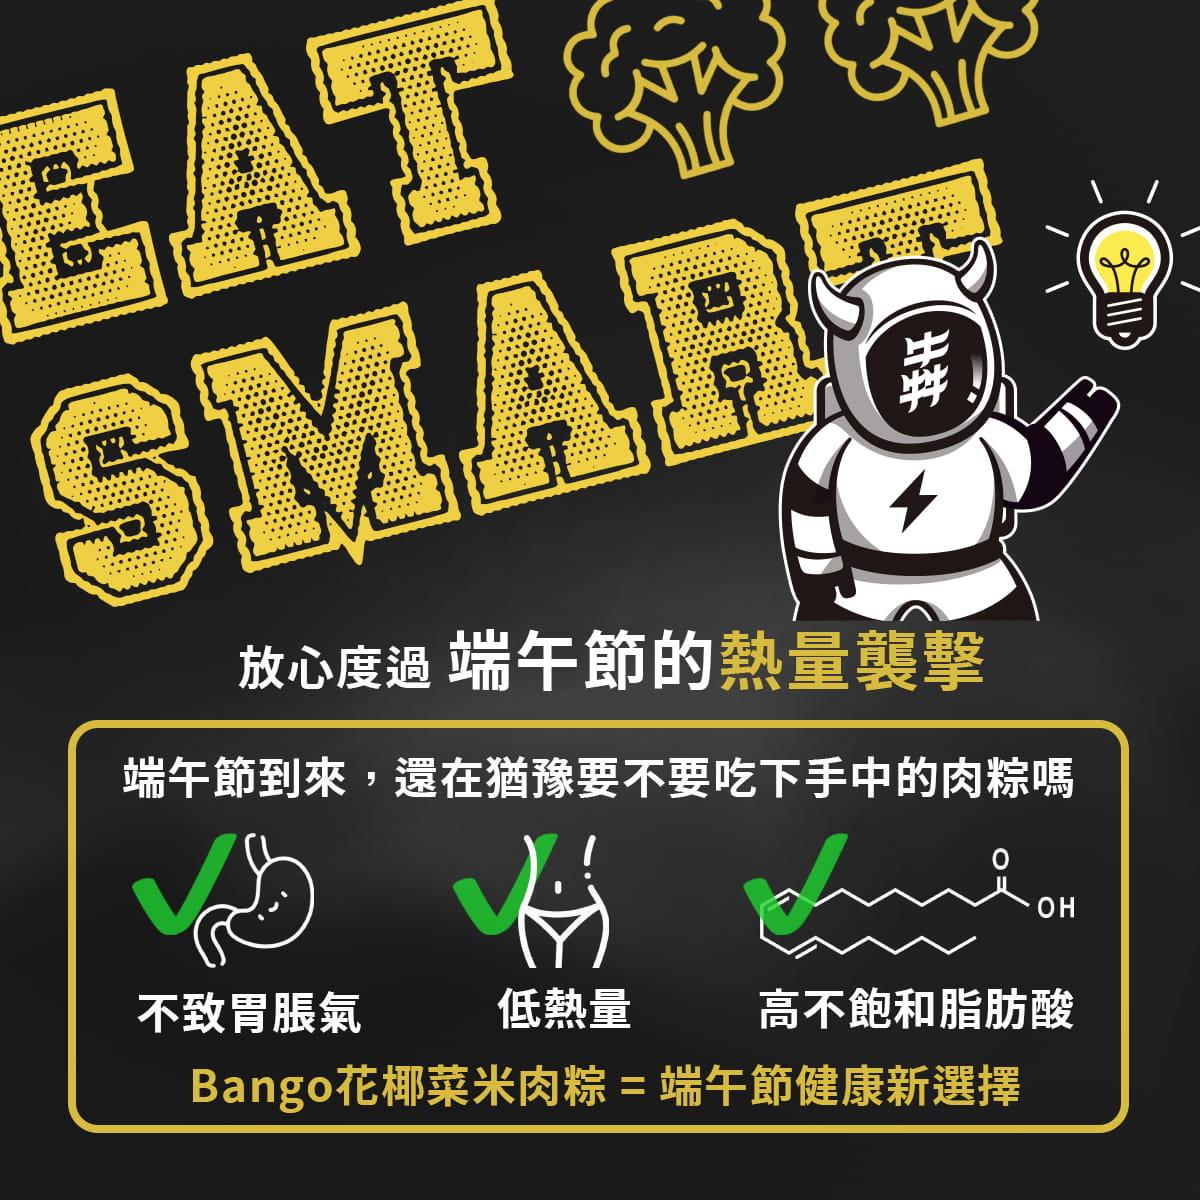 【Bango】無澱粉花椰菜米肉粽 1